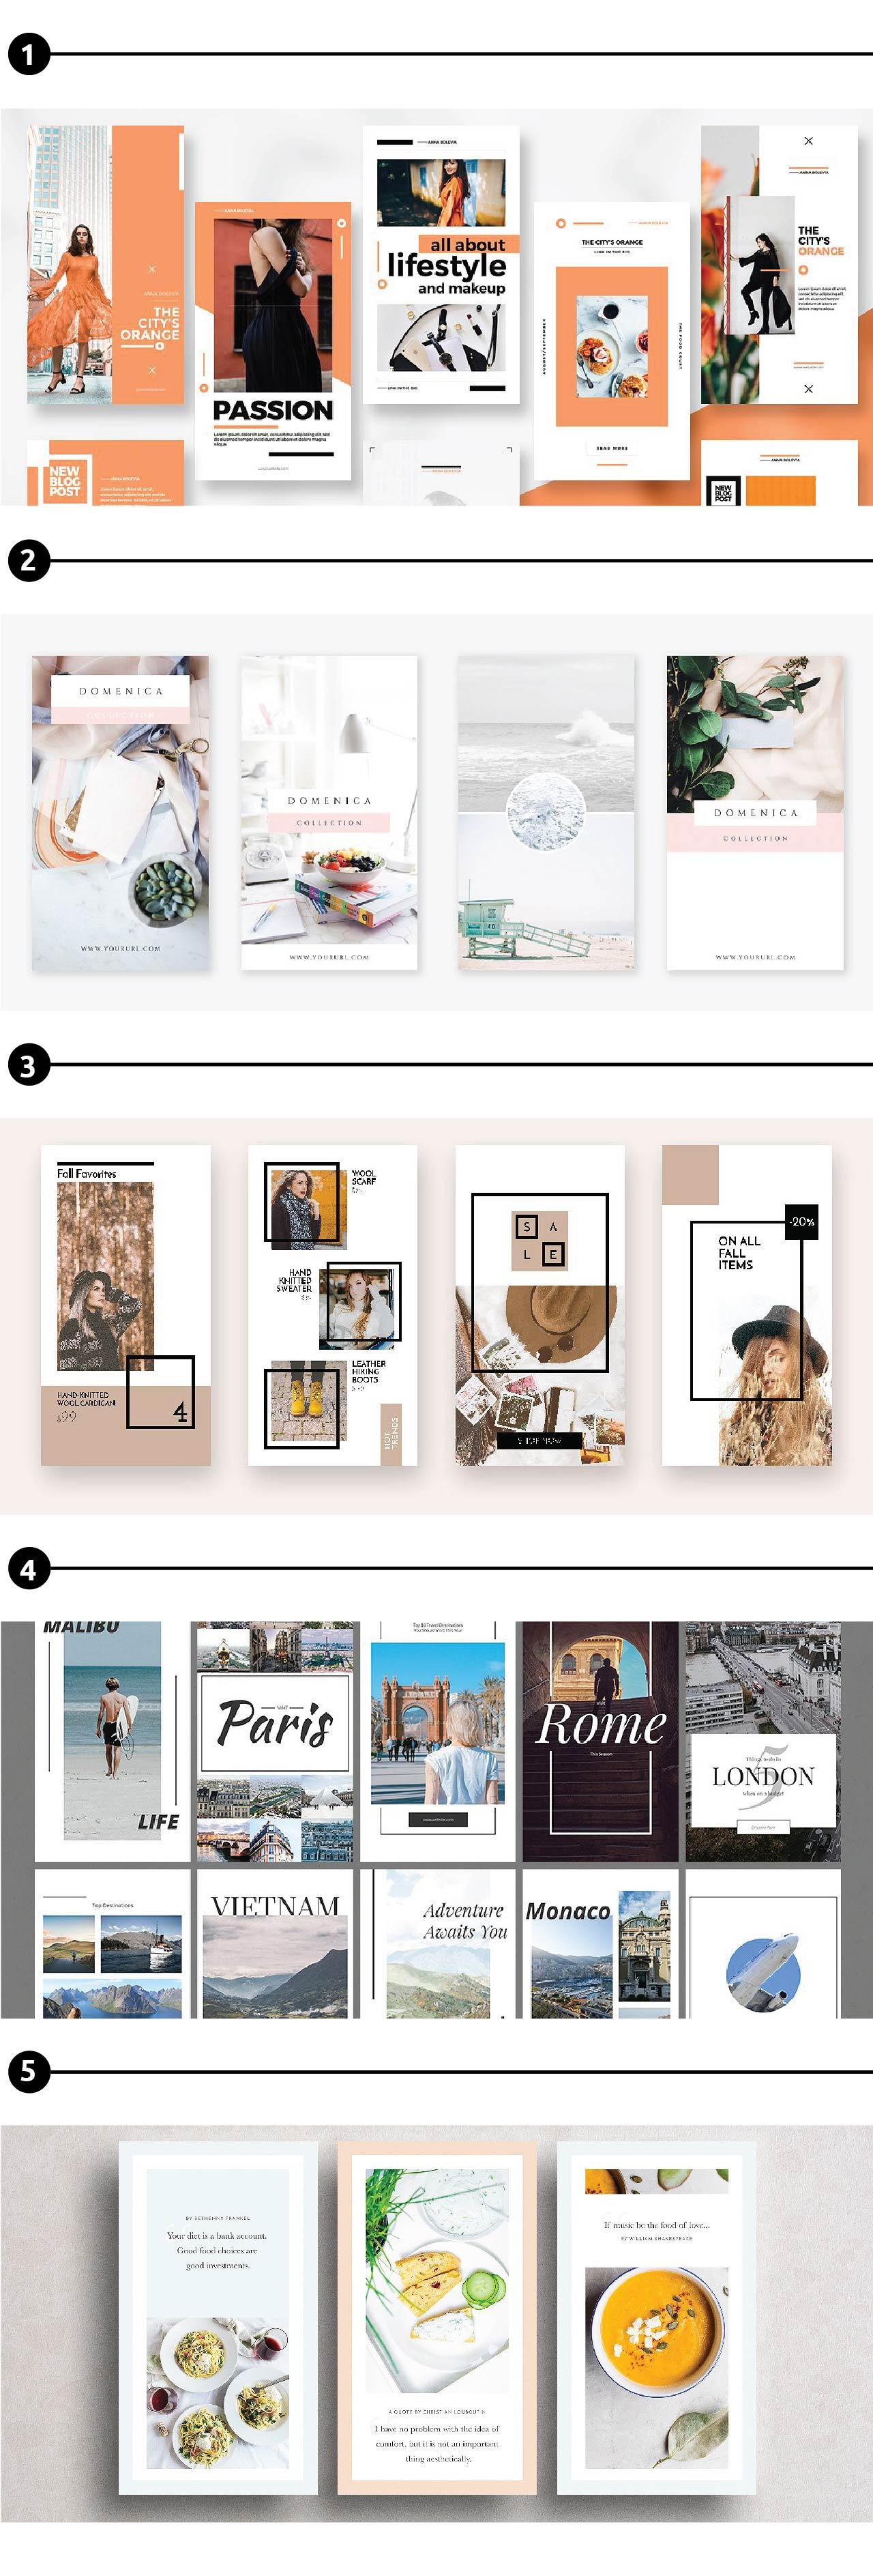 Crear Diseños Interesantes Para Historias En Instagram